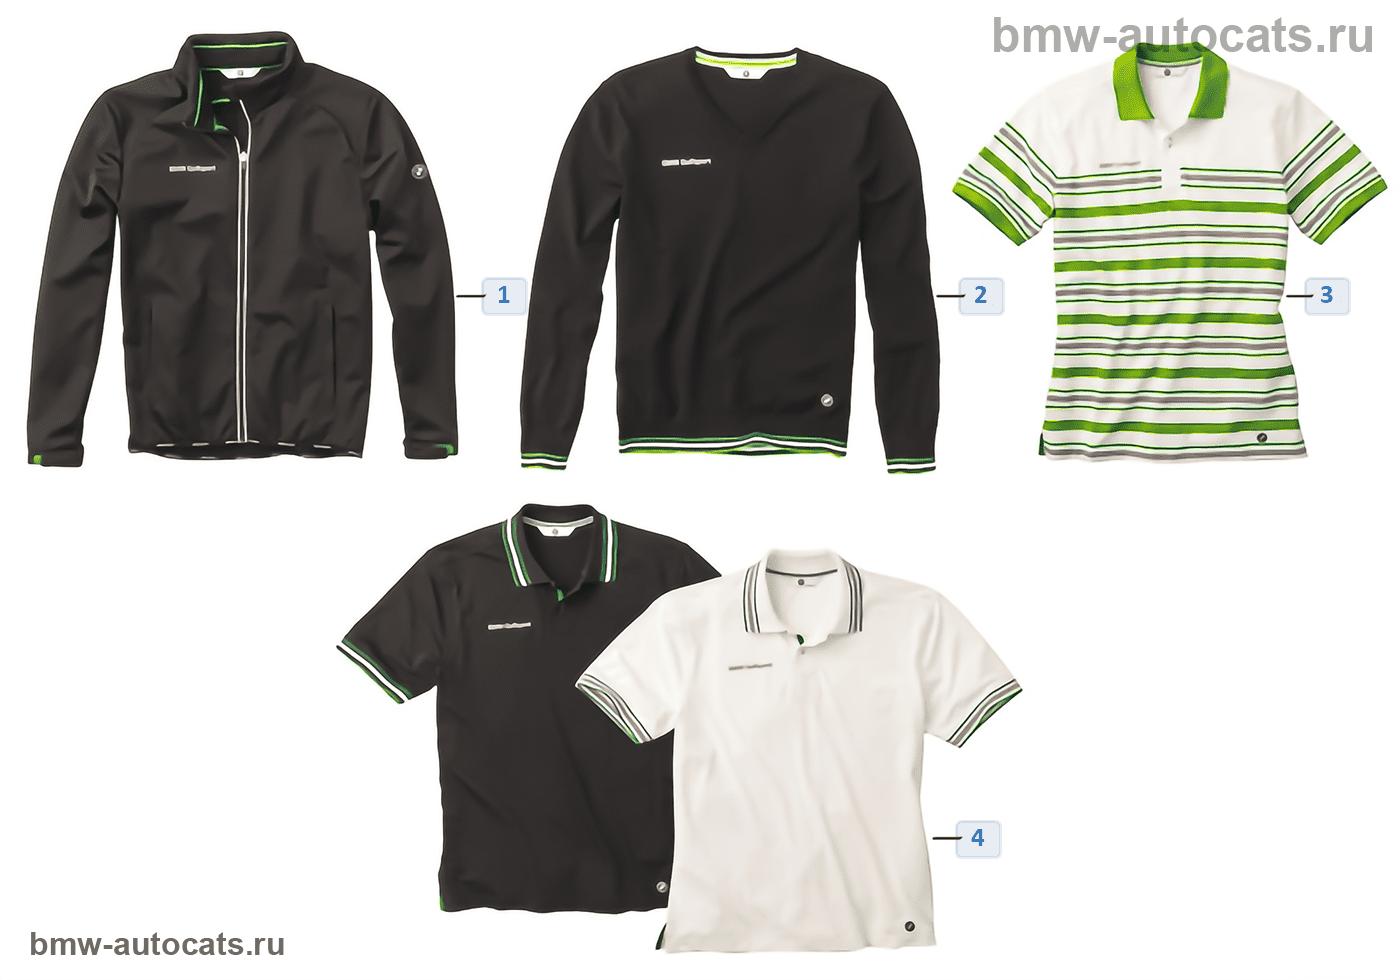 Golfsport-мужская одежда 2013/14